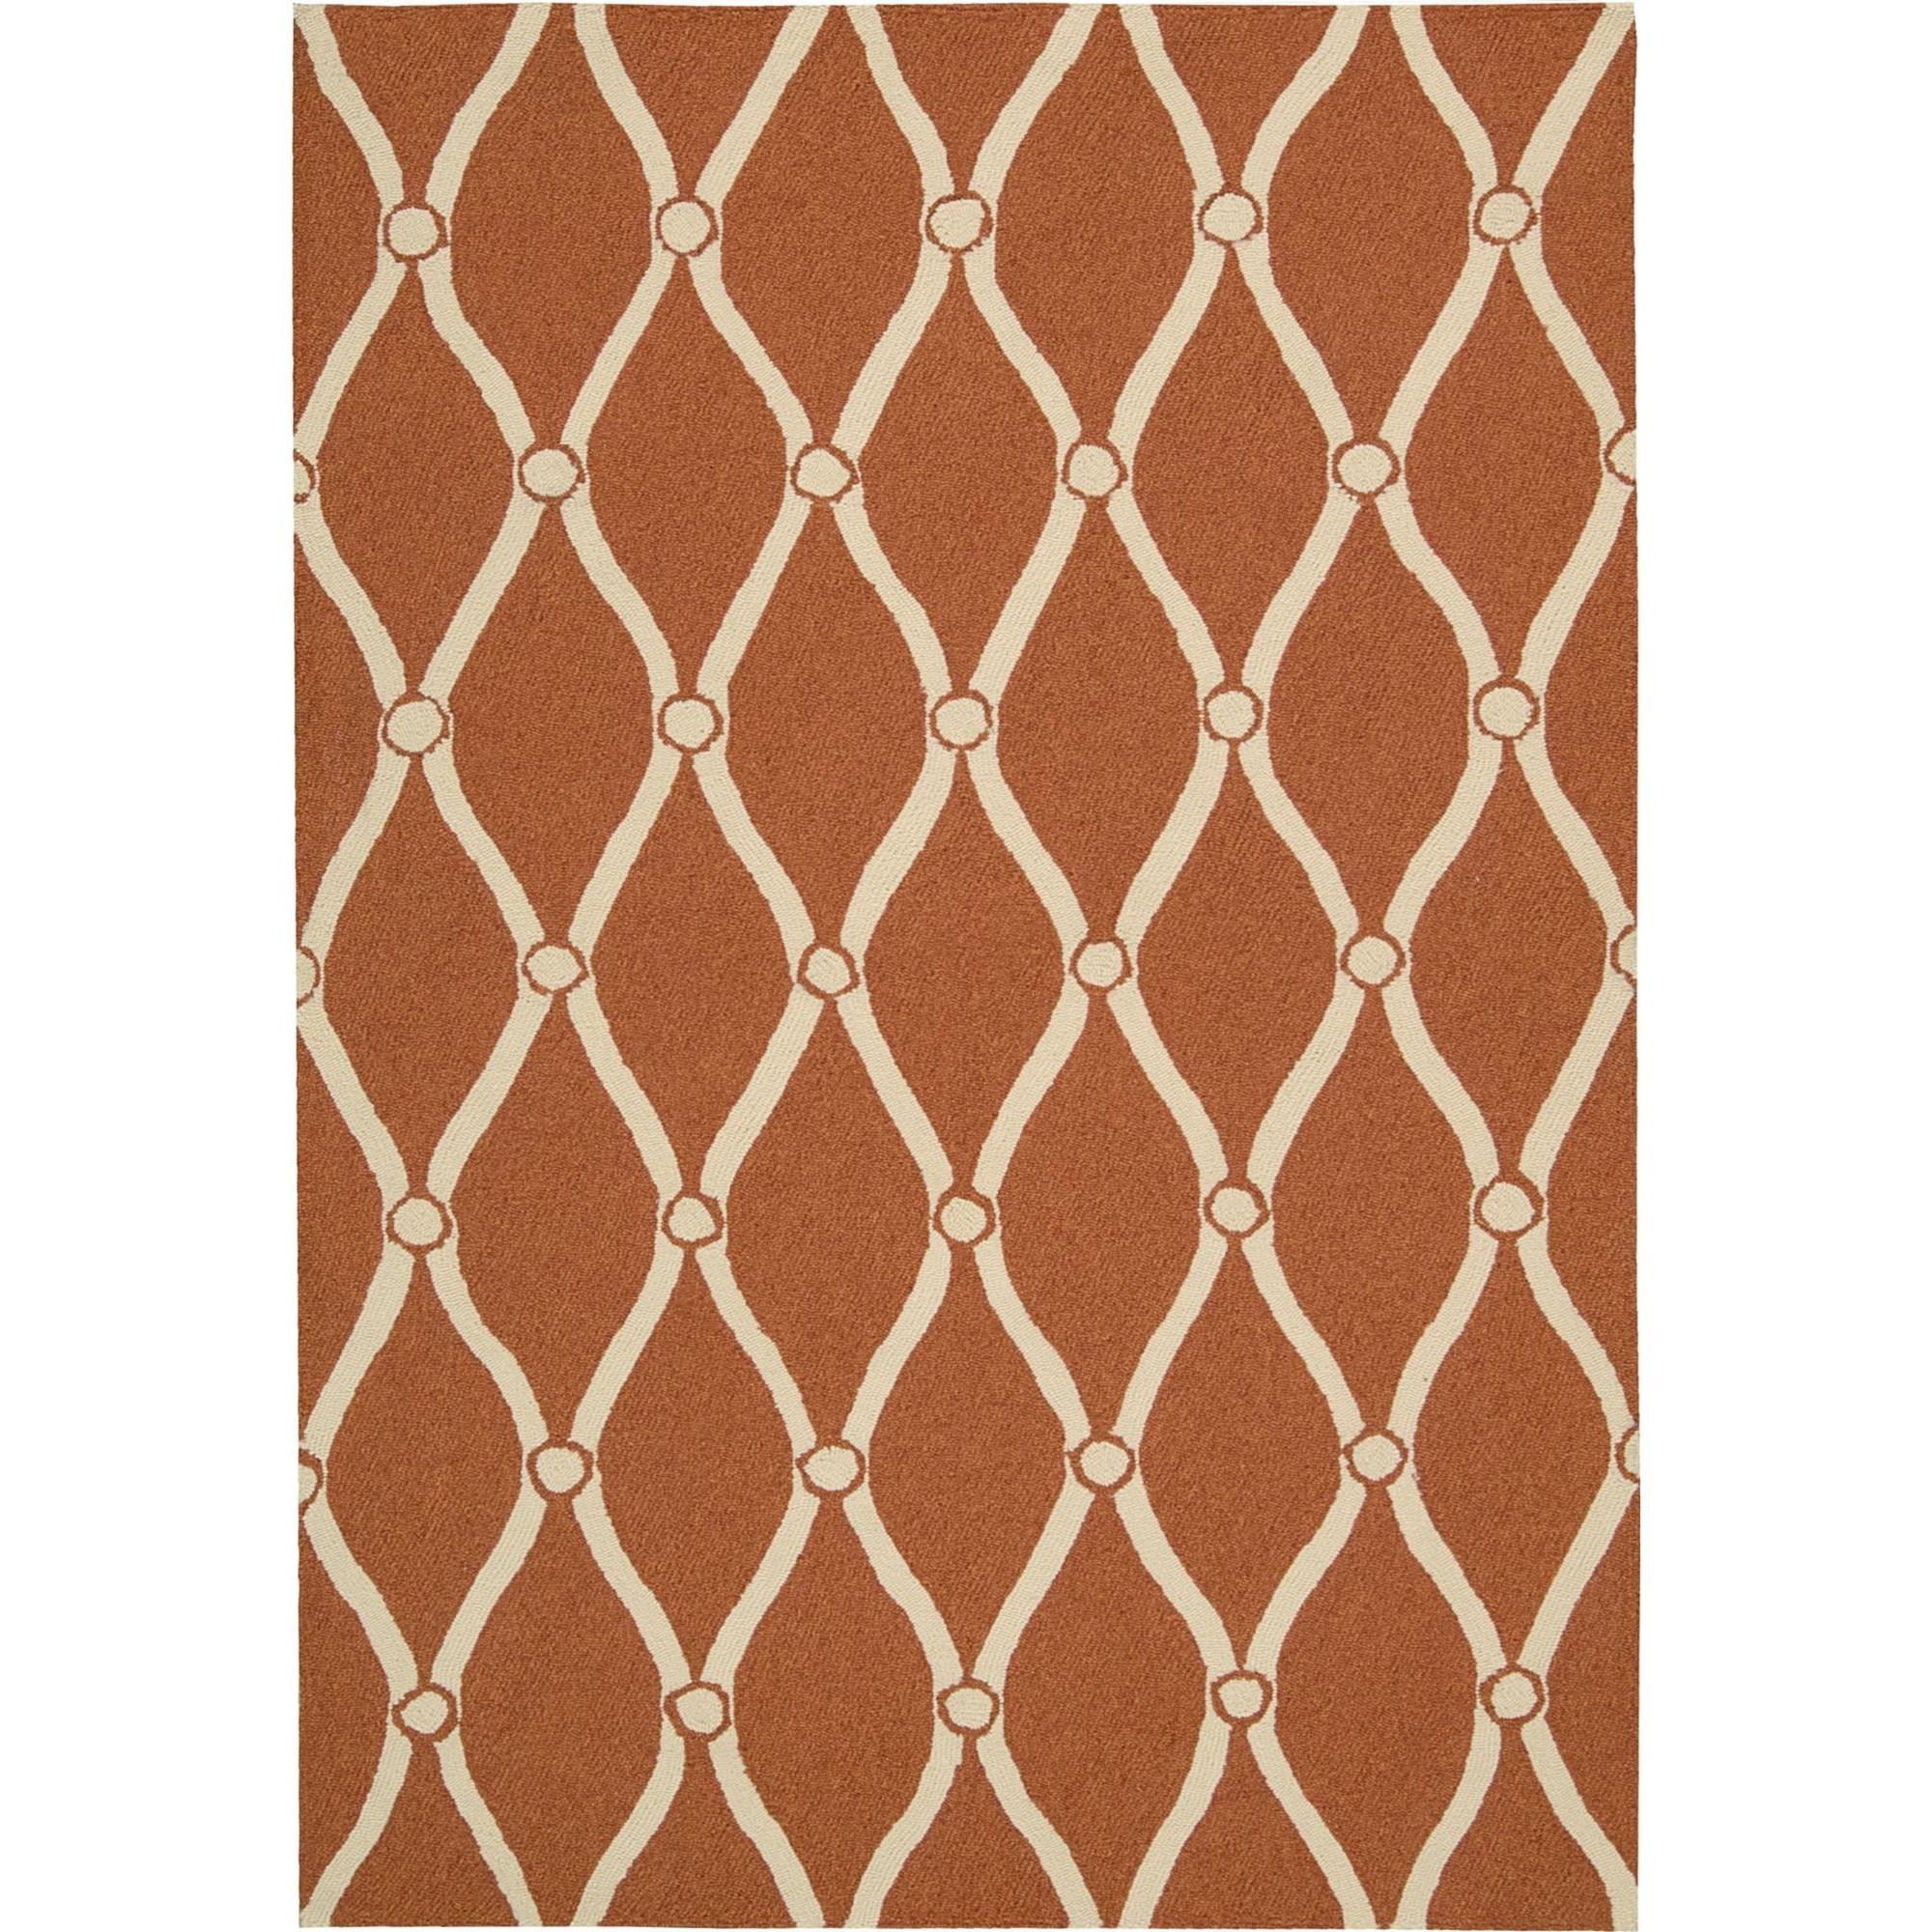 Nourison Portico 10' x 13' Orange Area Rug - Item Number: 21736